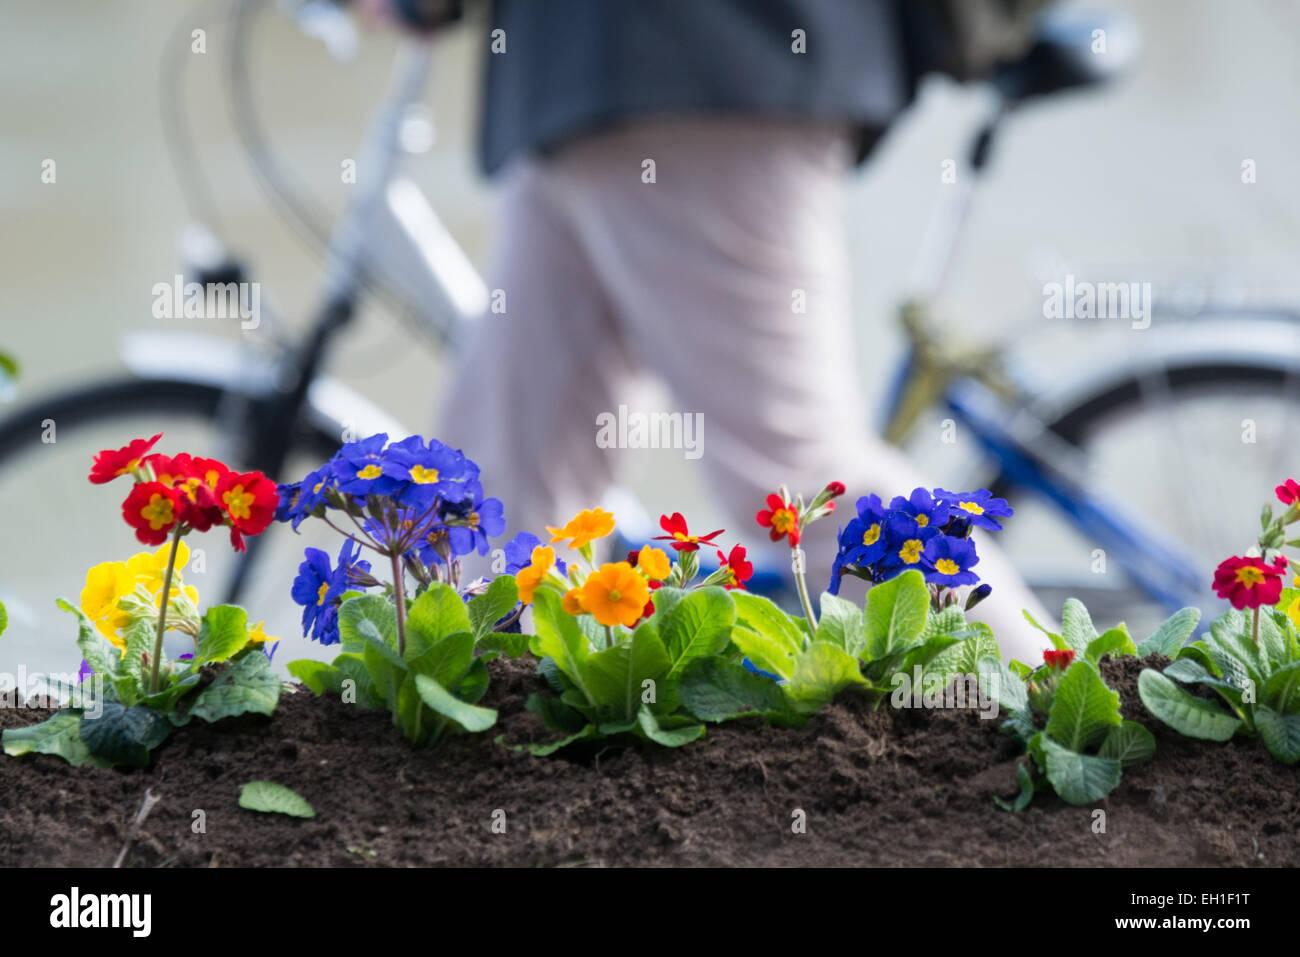 Passau, Deutschland. 3. März 2015. Ein Radfahrer geht vorbei an gepflanzte Primeln entlang der Ufer des Inns Stockbild